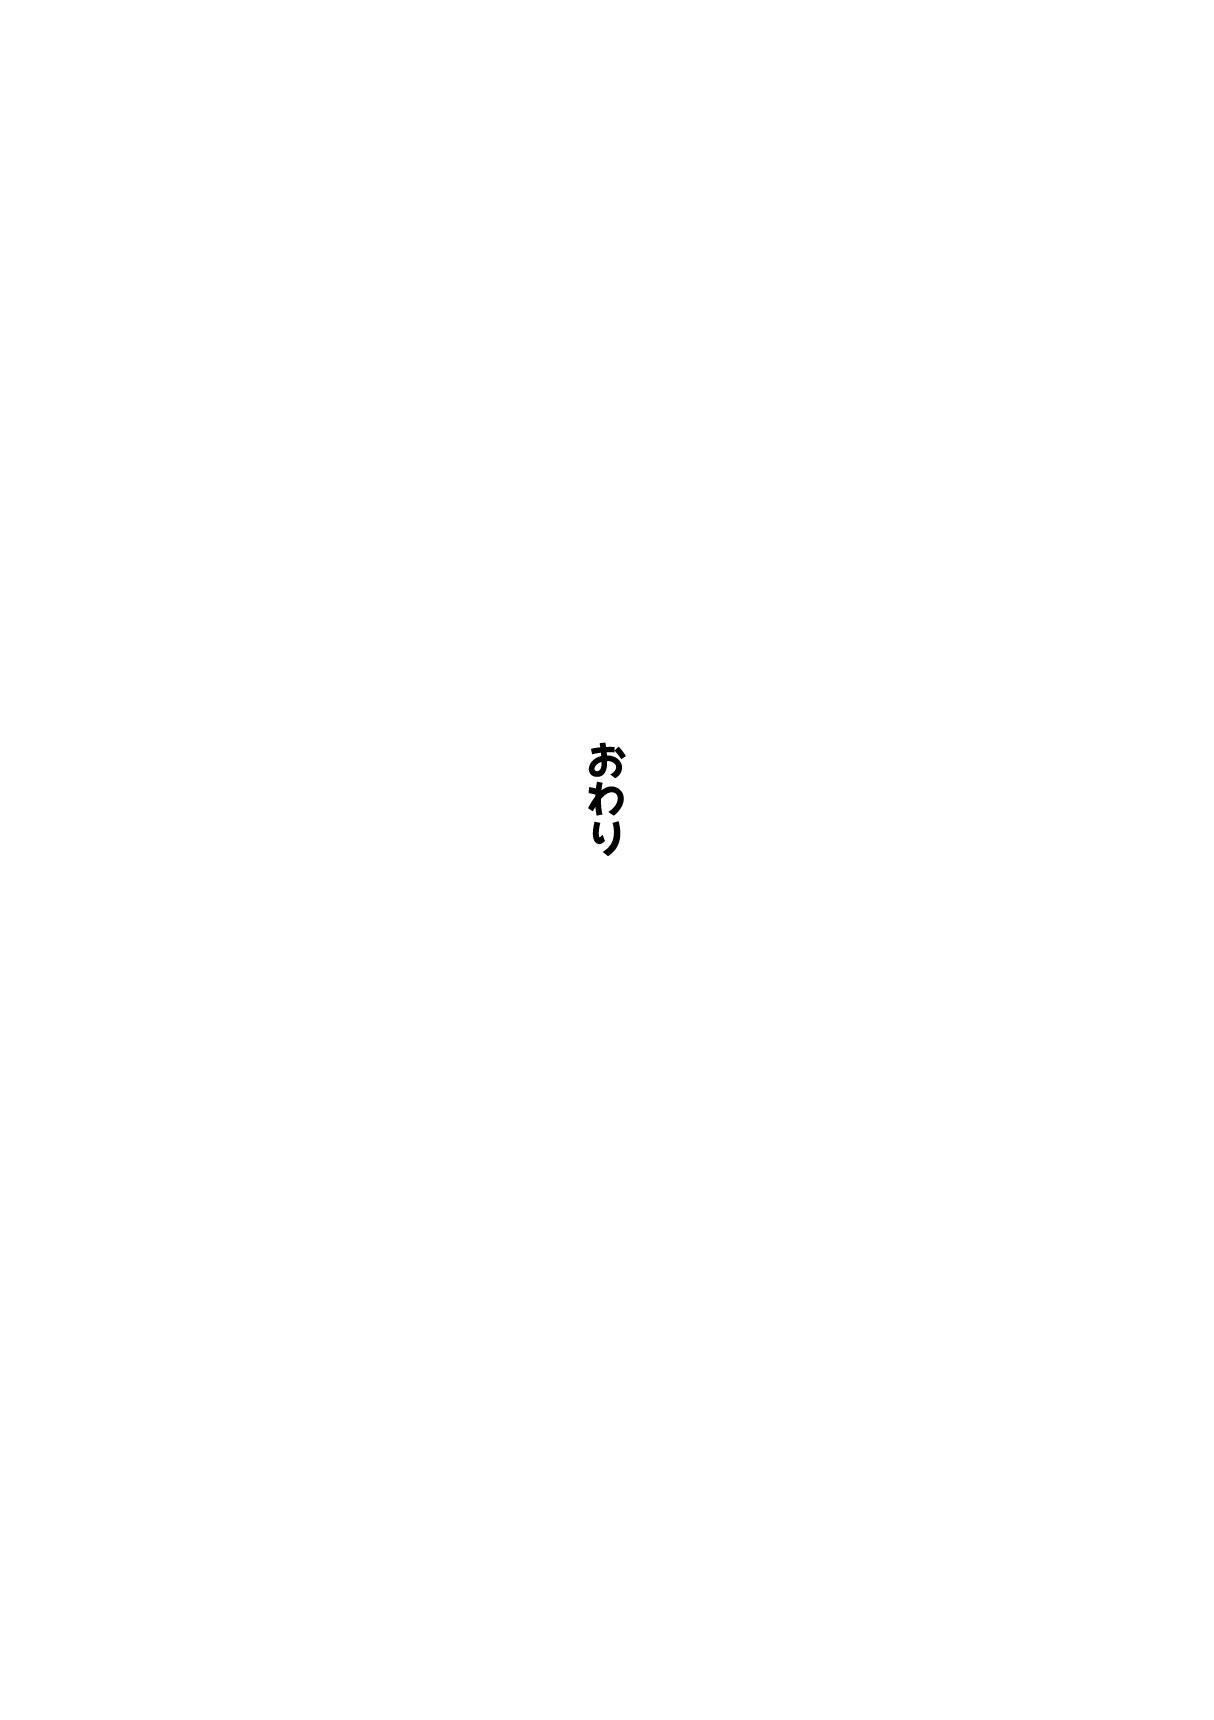 Kimajime Nurse no Seiyoku Shori Jisshuu 34